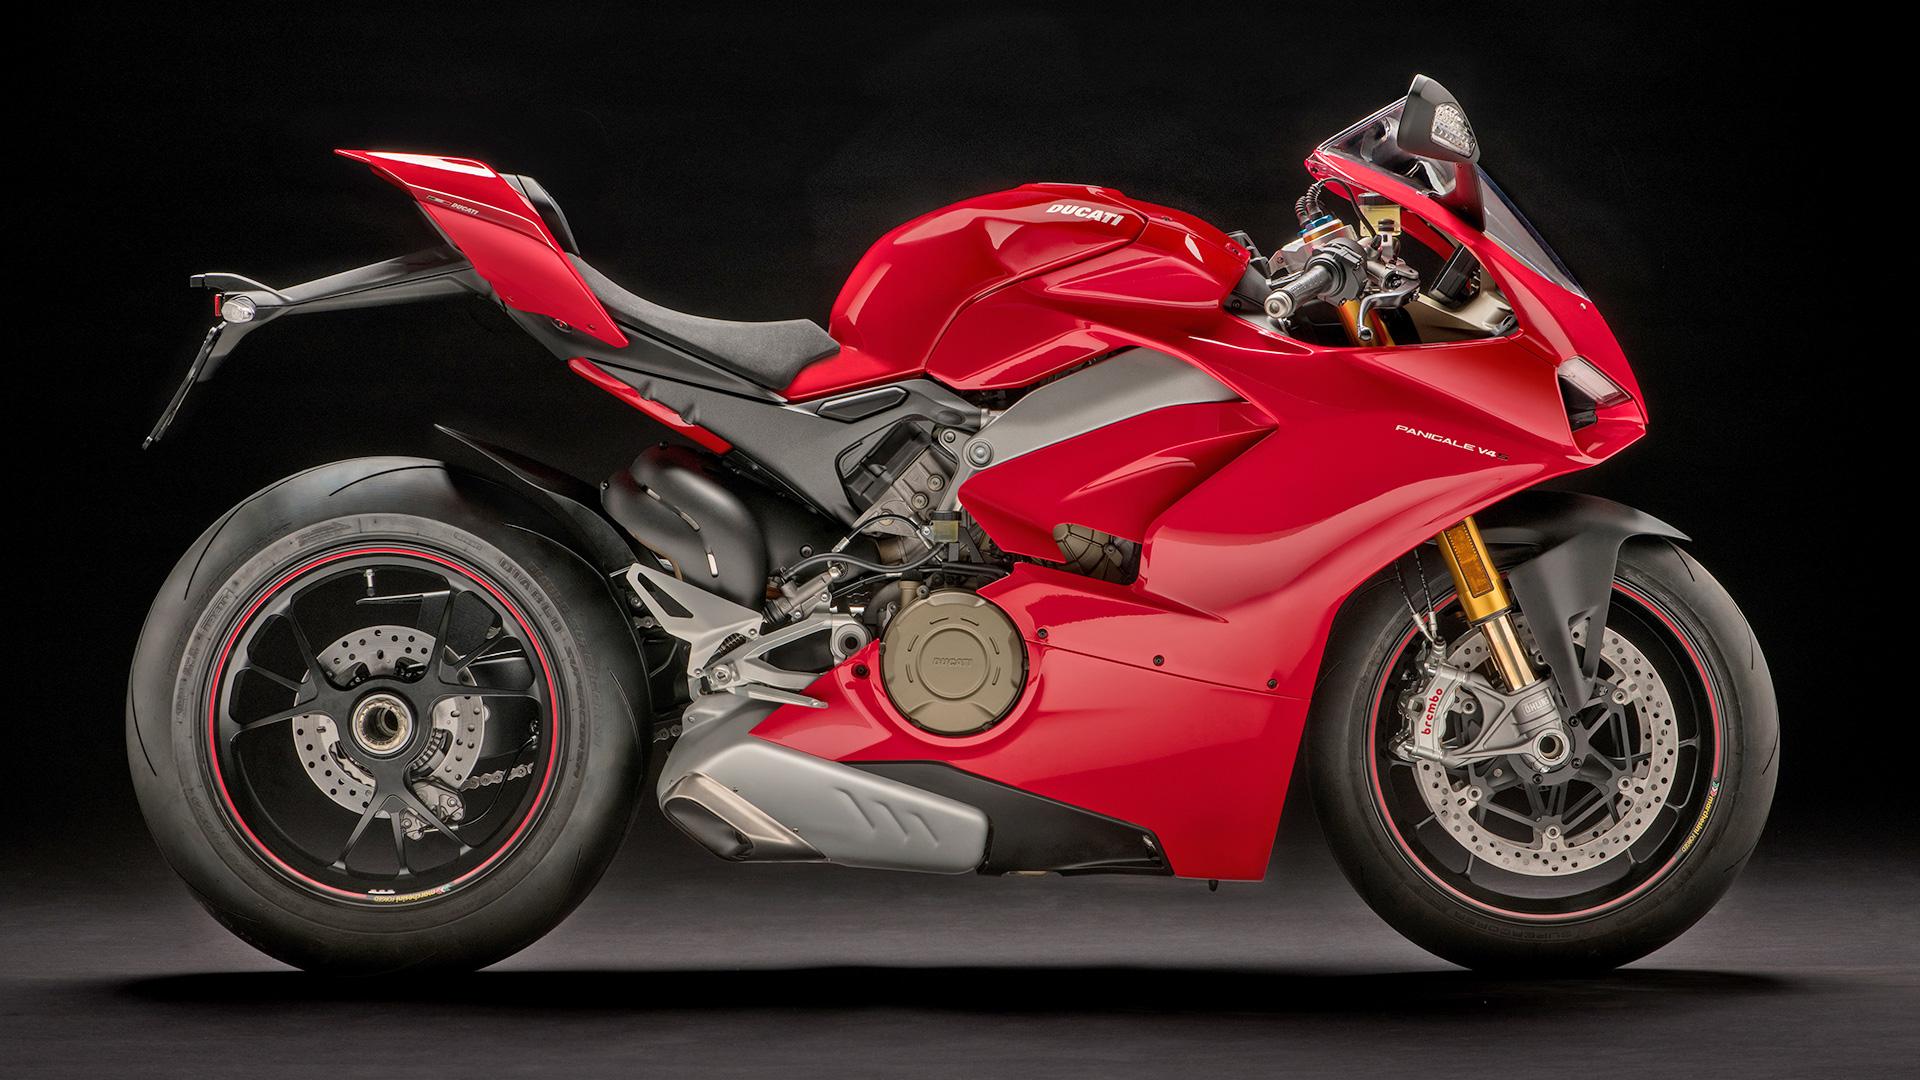 Ducati Panigale V4 2018 S